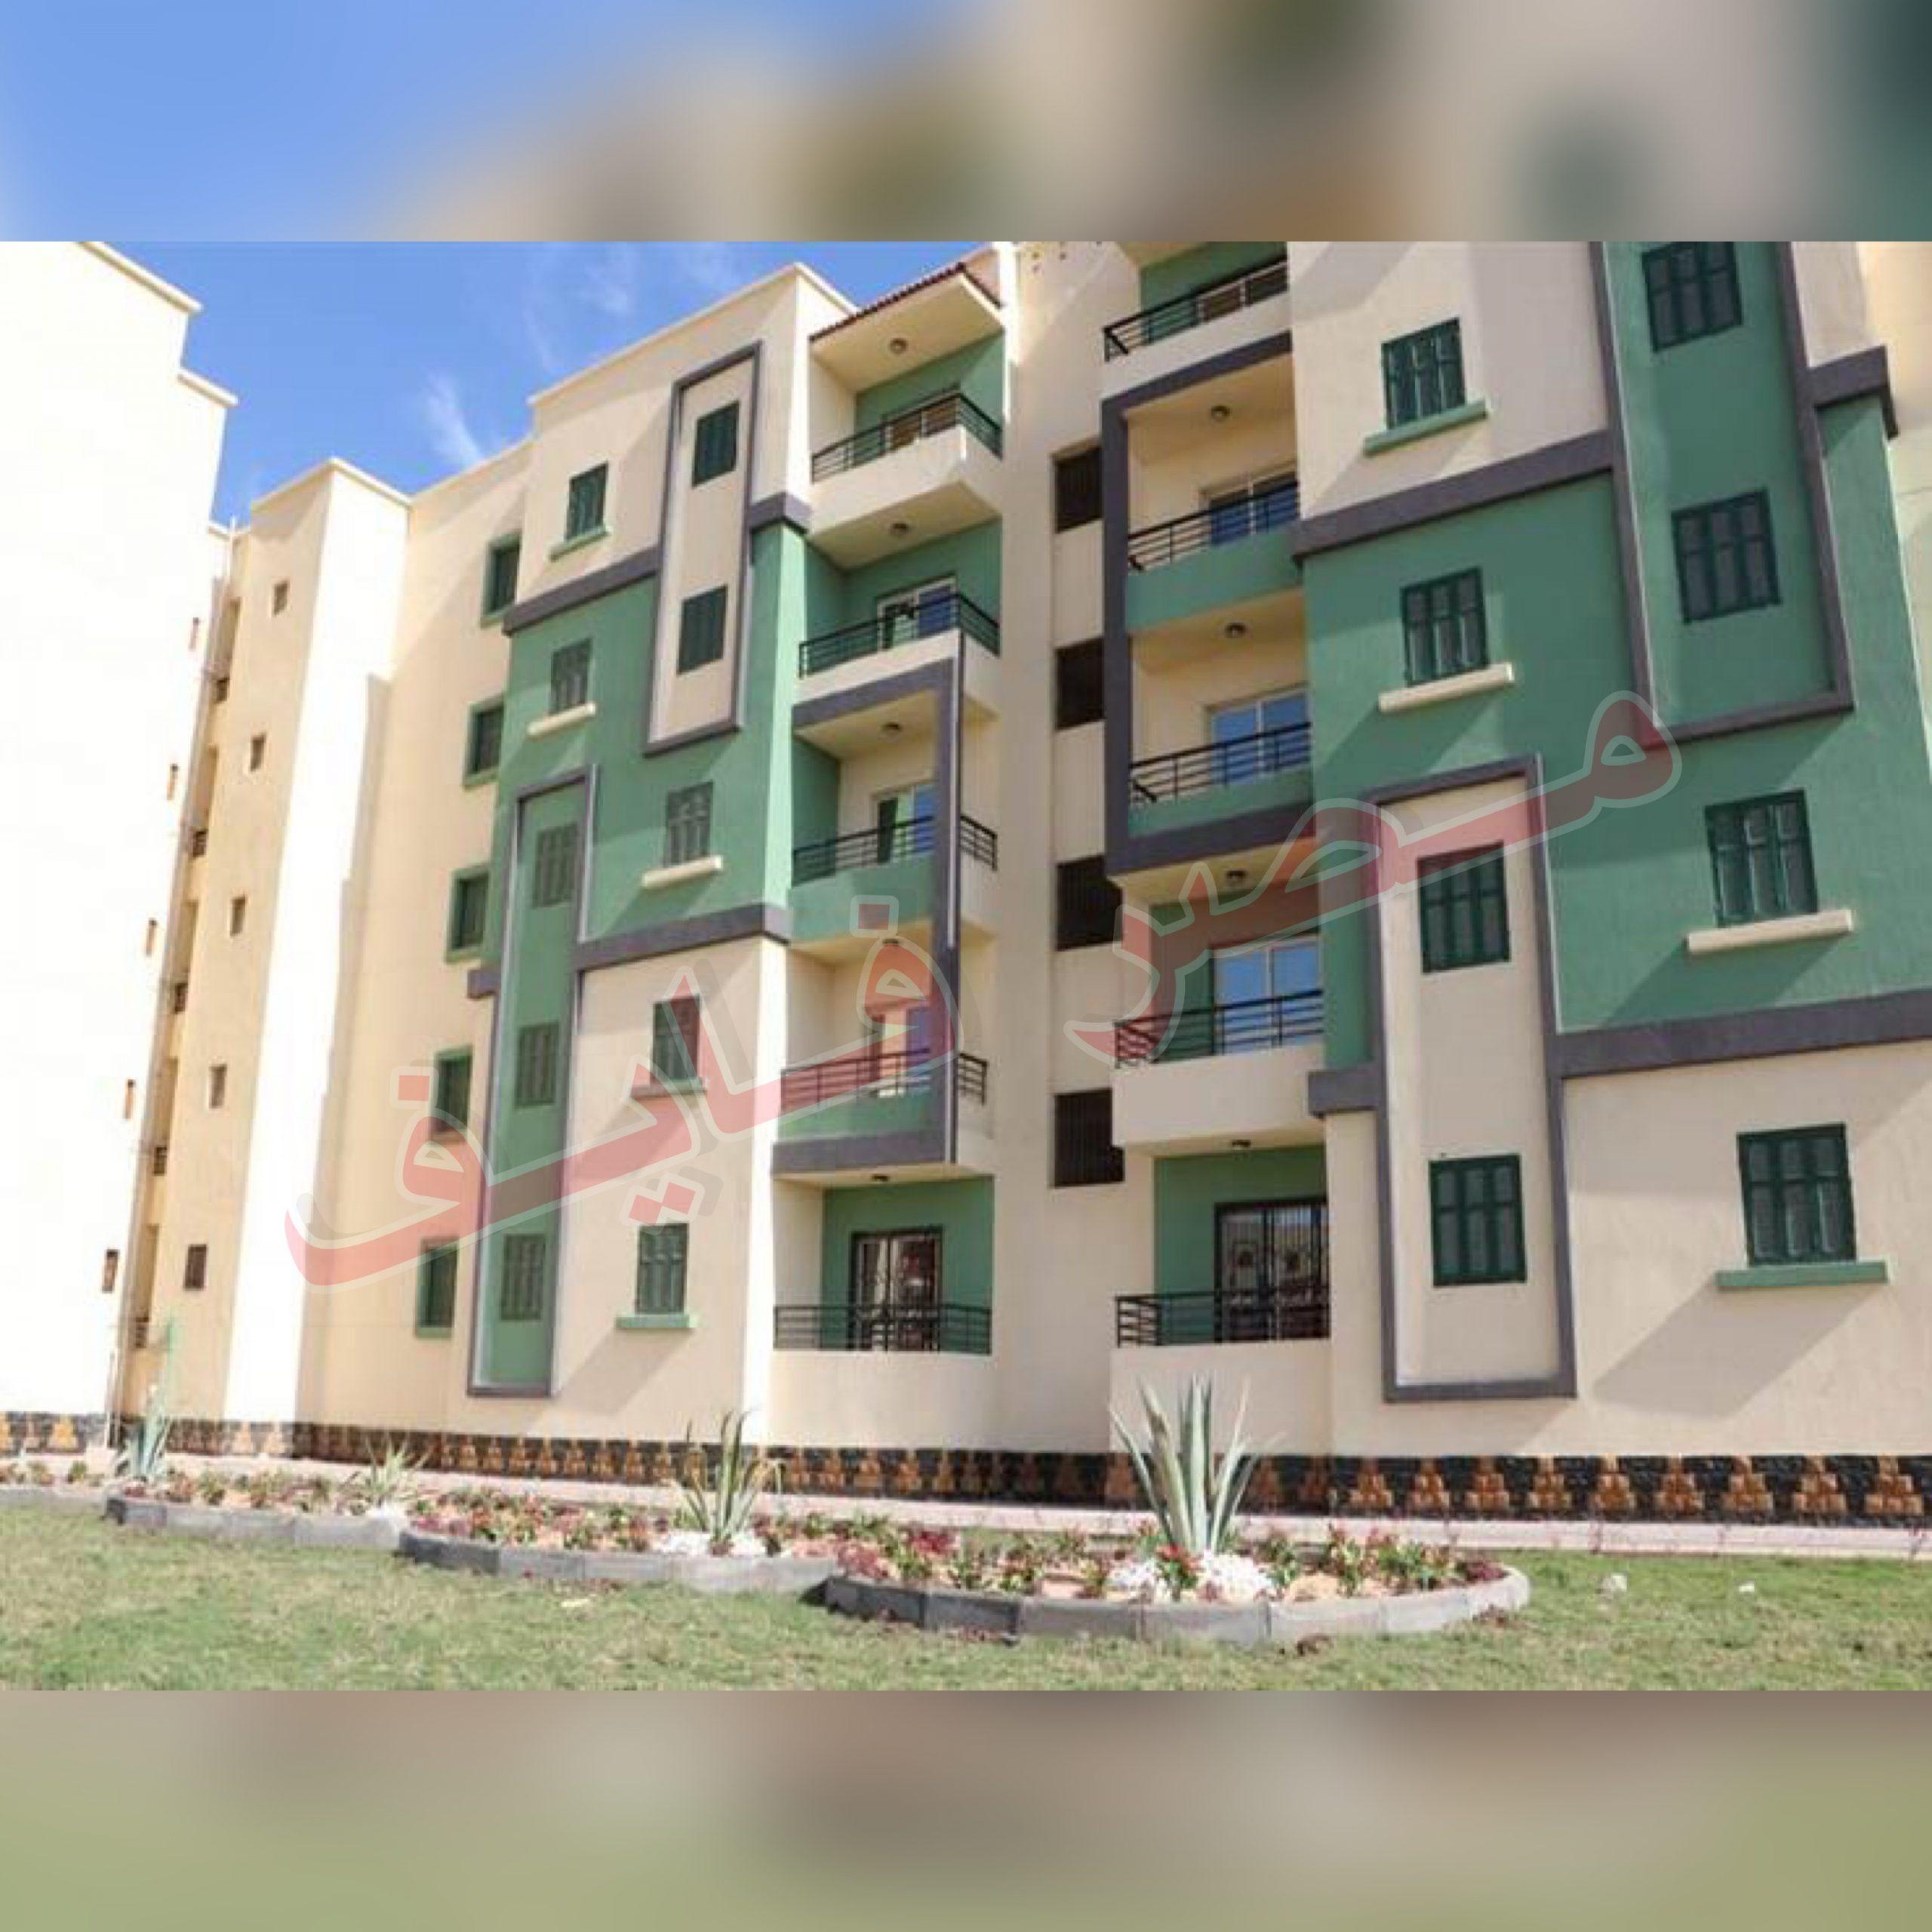 خطوات وشروط حجز شقق سكنية بالطرح الجديد للوحدات السكنية لمبادرة التمويل العقاري